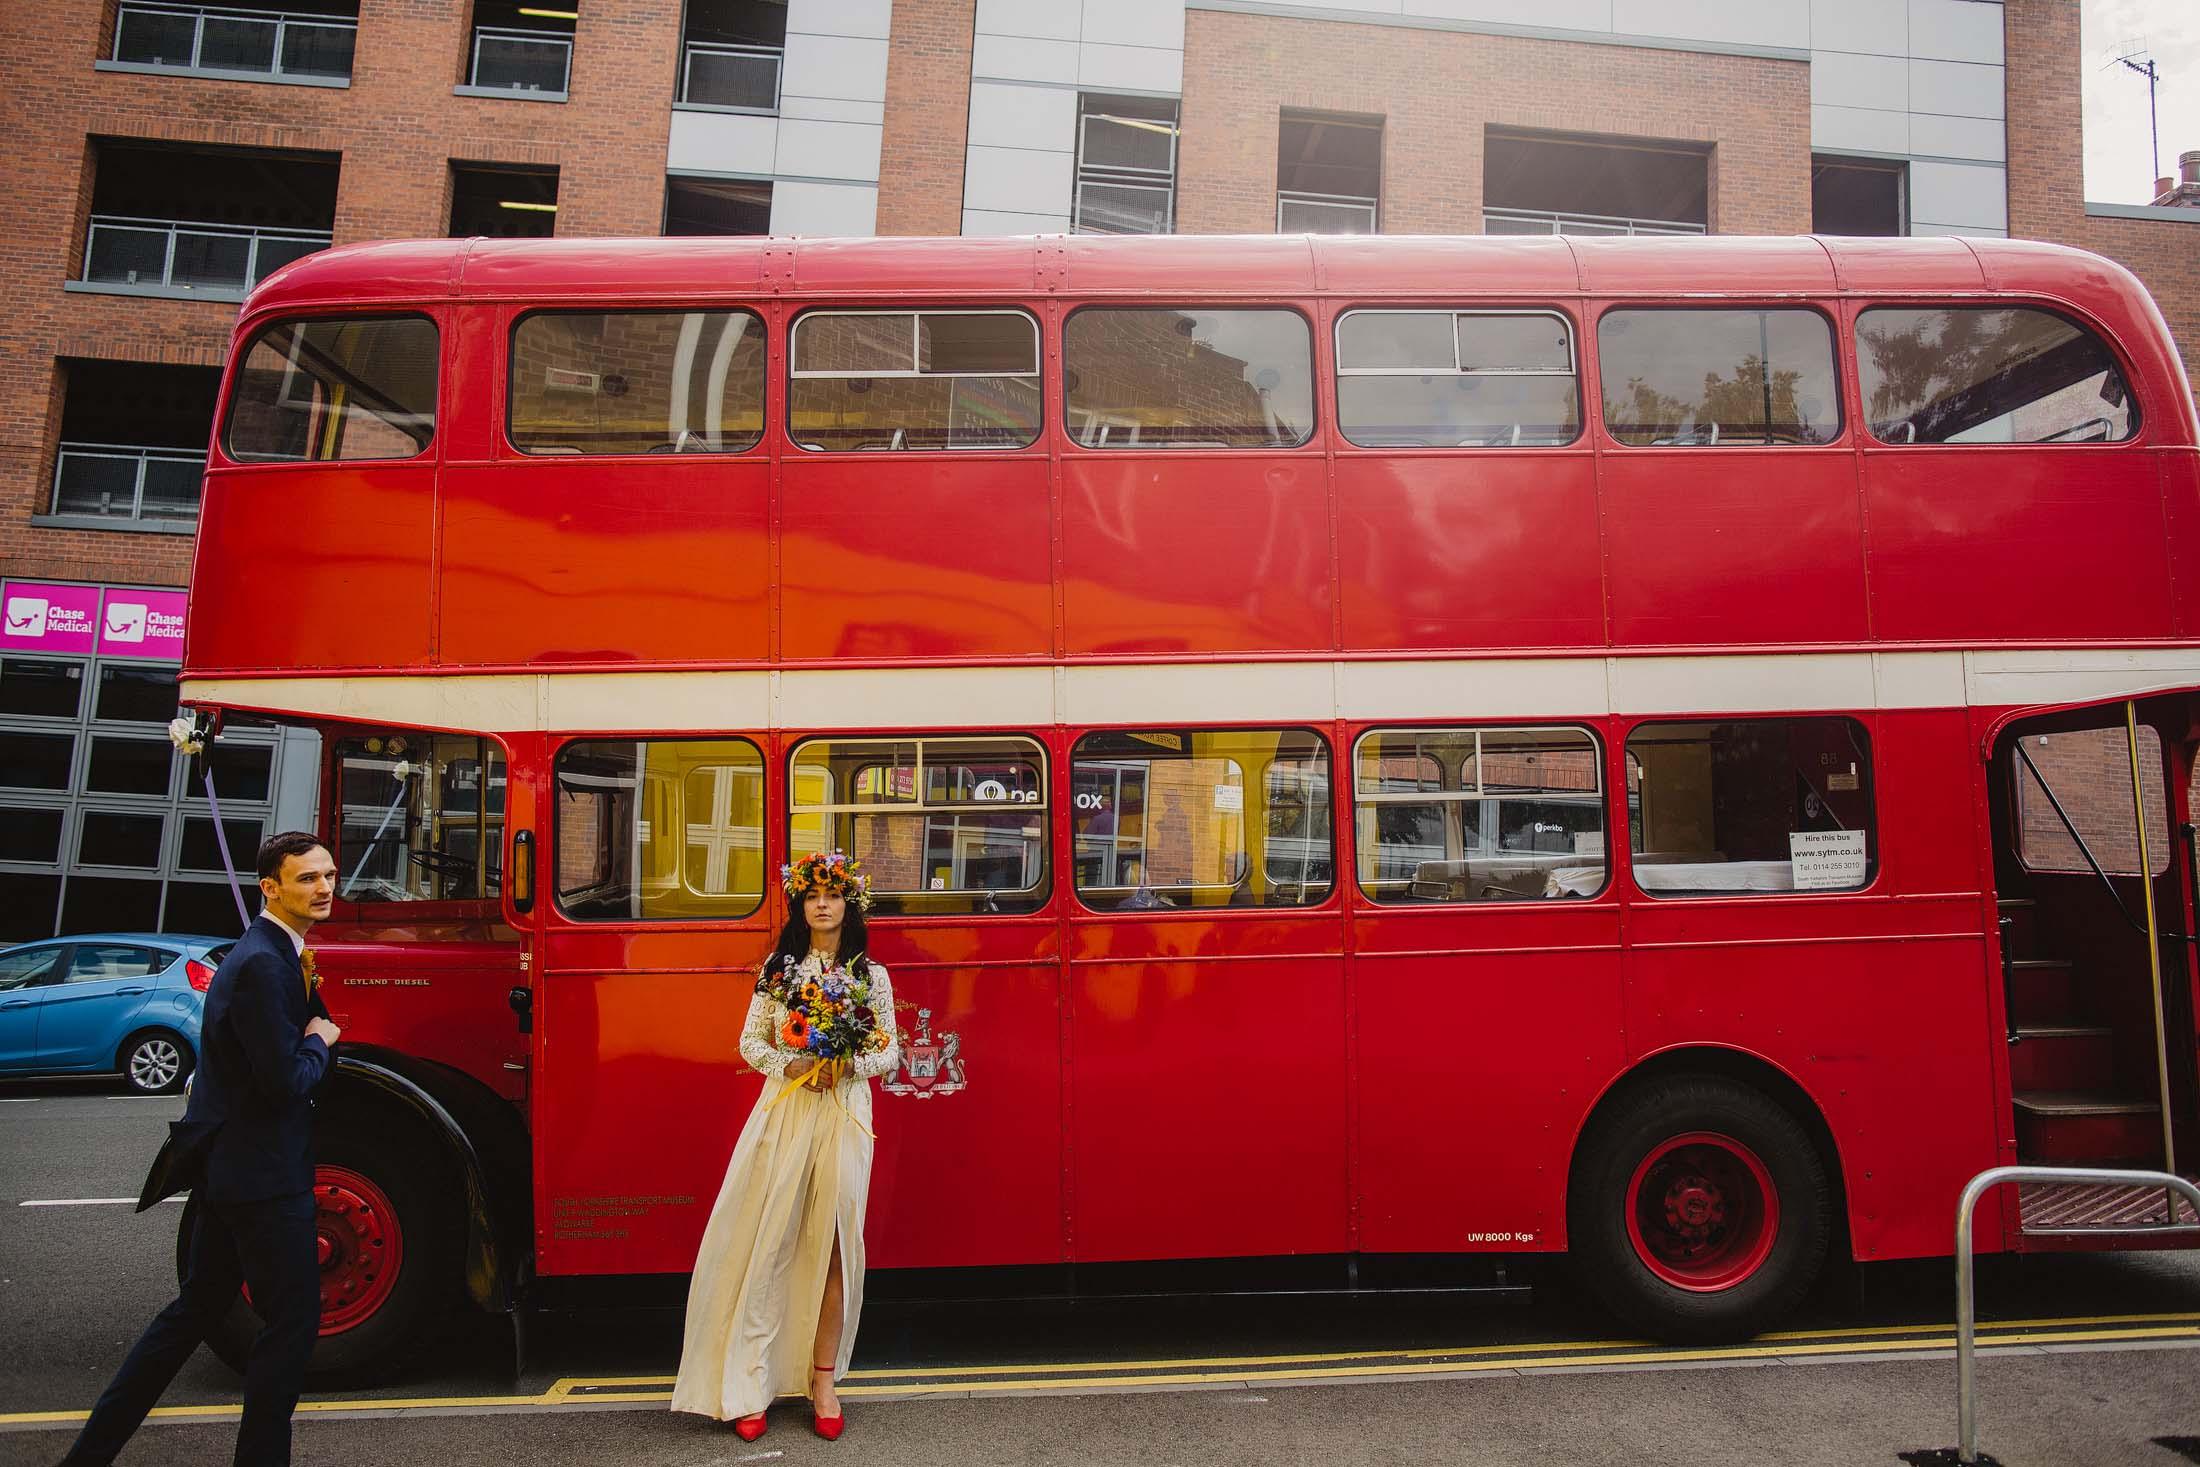 Sheffield wedding bus